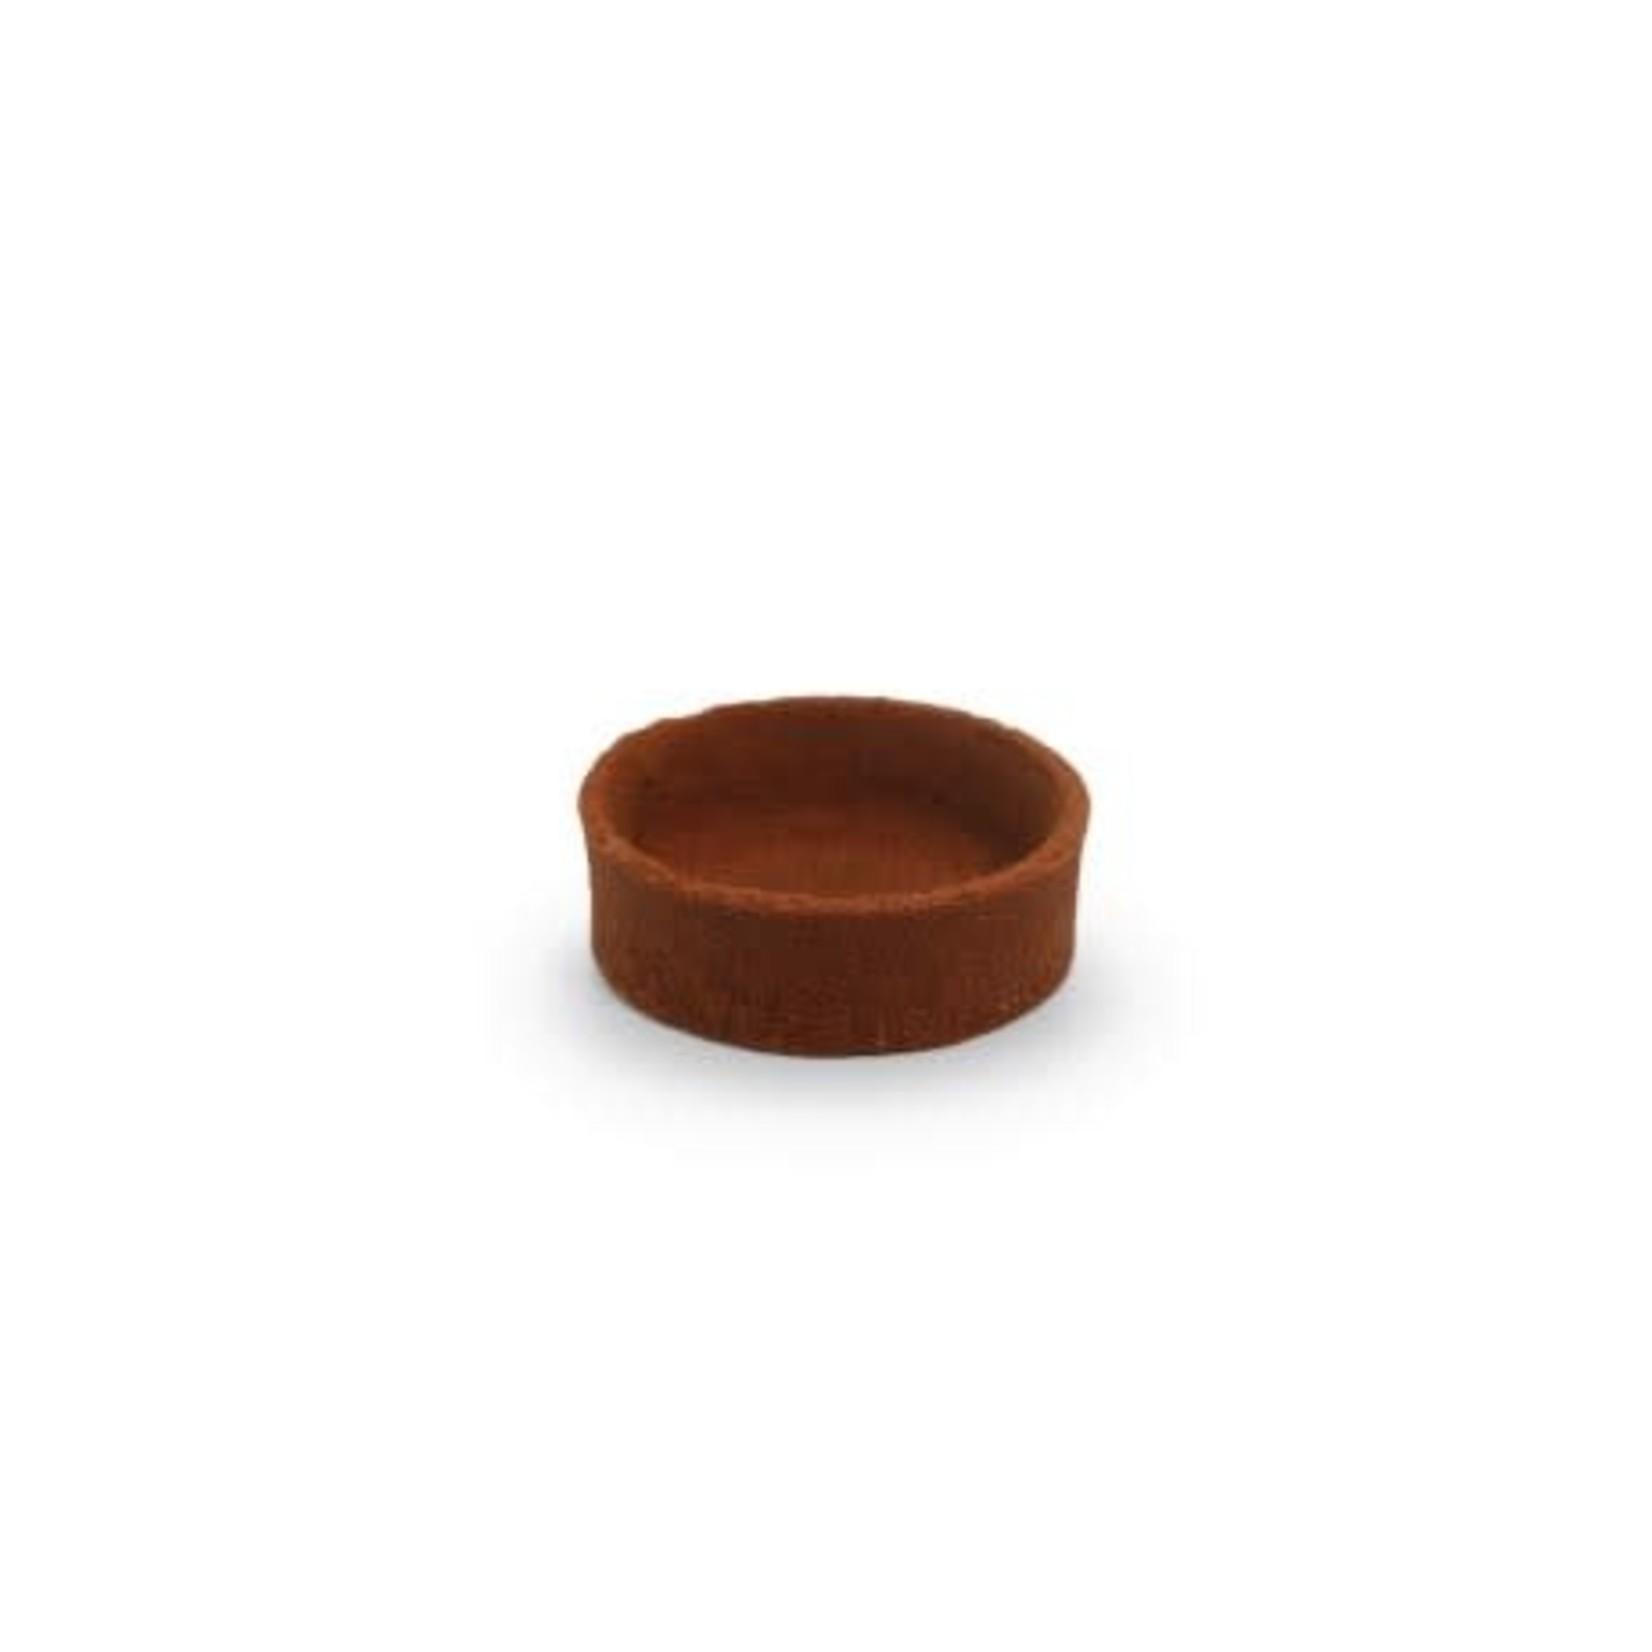 Pidy Pidy - Tart shell, Vegan Chocolate round - 2'' (96ct), 305.42.096US